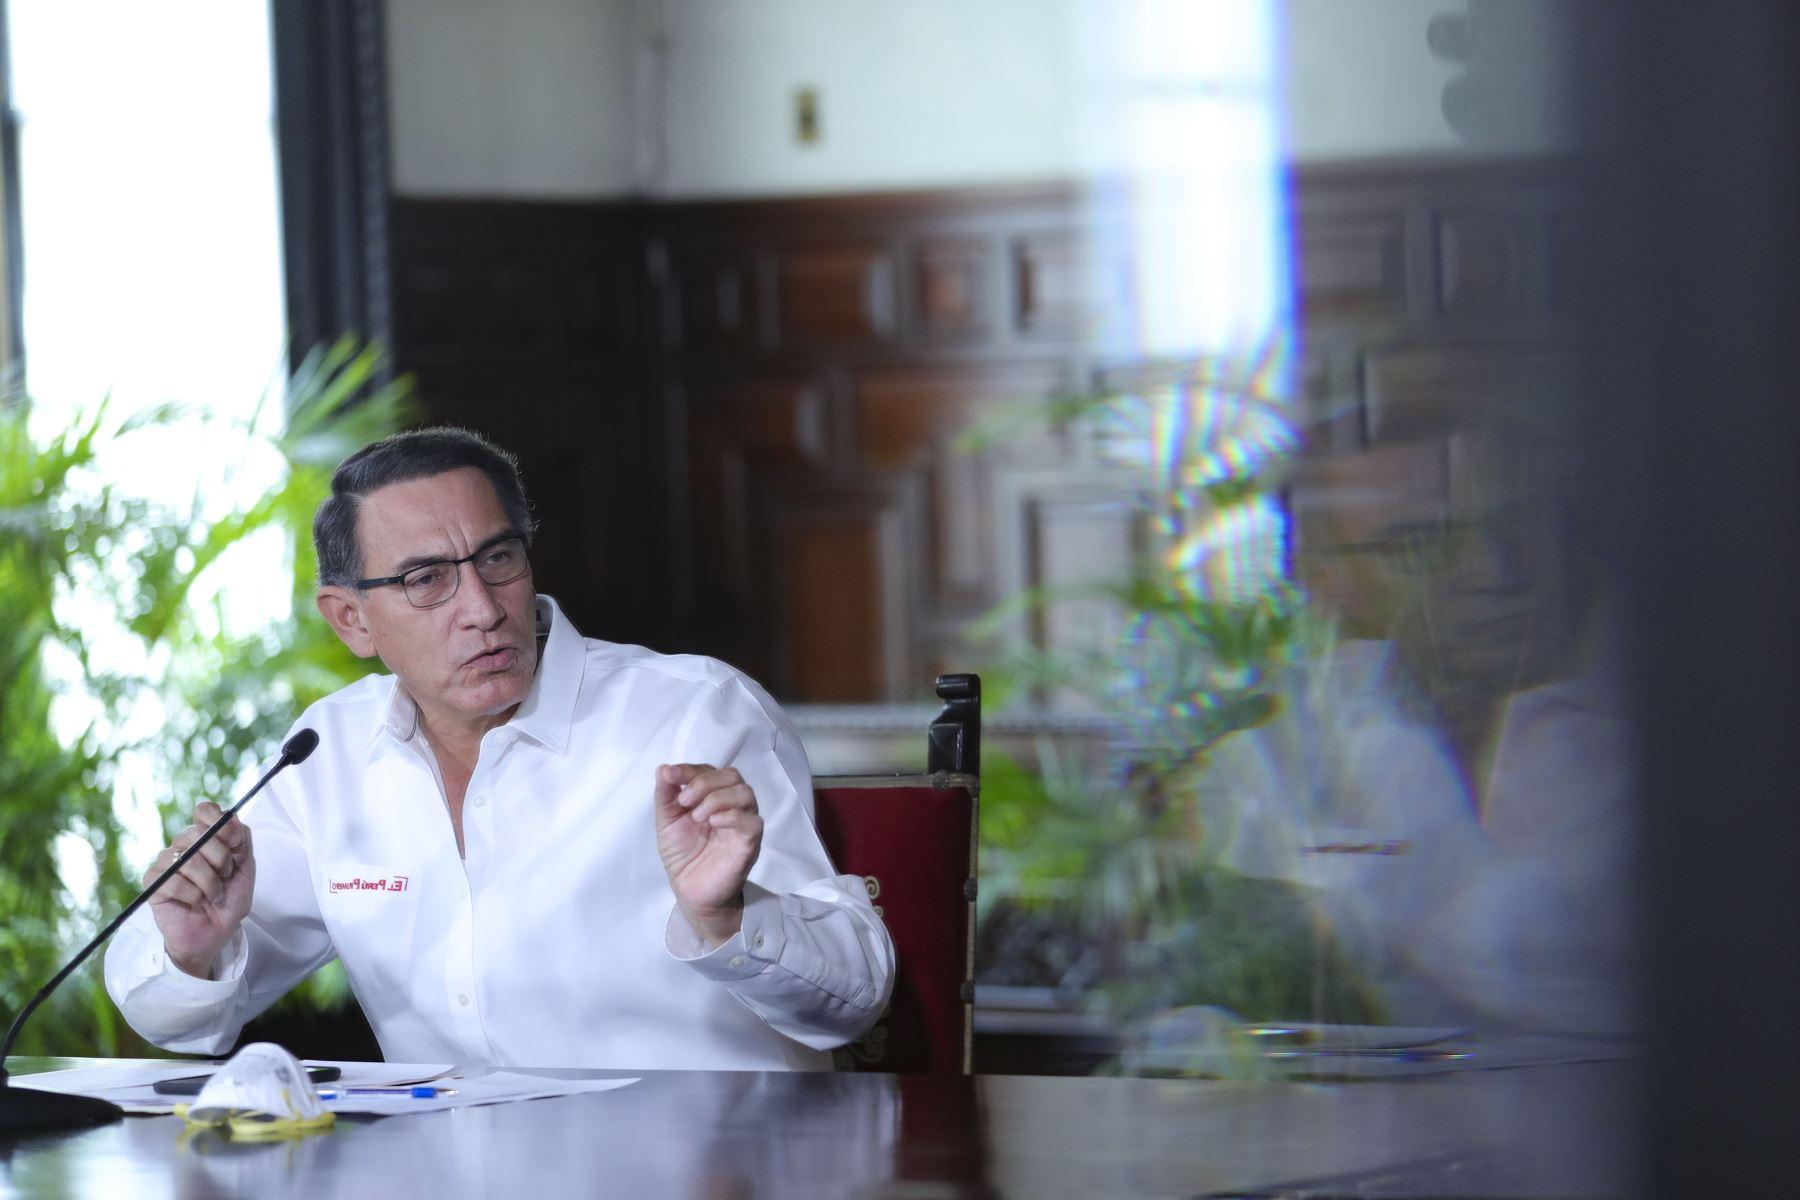 El presidente Martin Vizcarra informa junto a Ministros de Estado  sobre la situación del Estado de Emergencia en el día 16 y las acciones que realiza el Gobierno para contener la propagación del covid-19. Foto: ANDINA/Prensa Presidencia